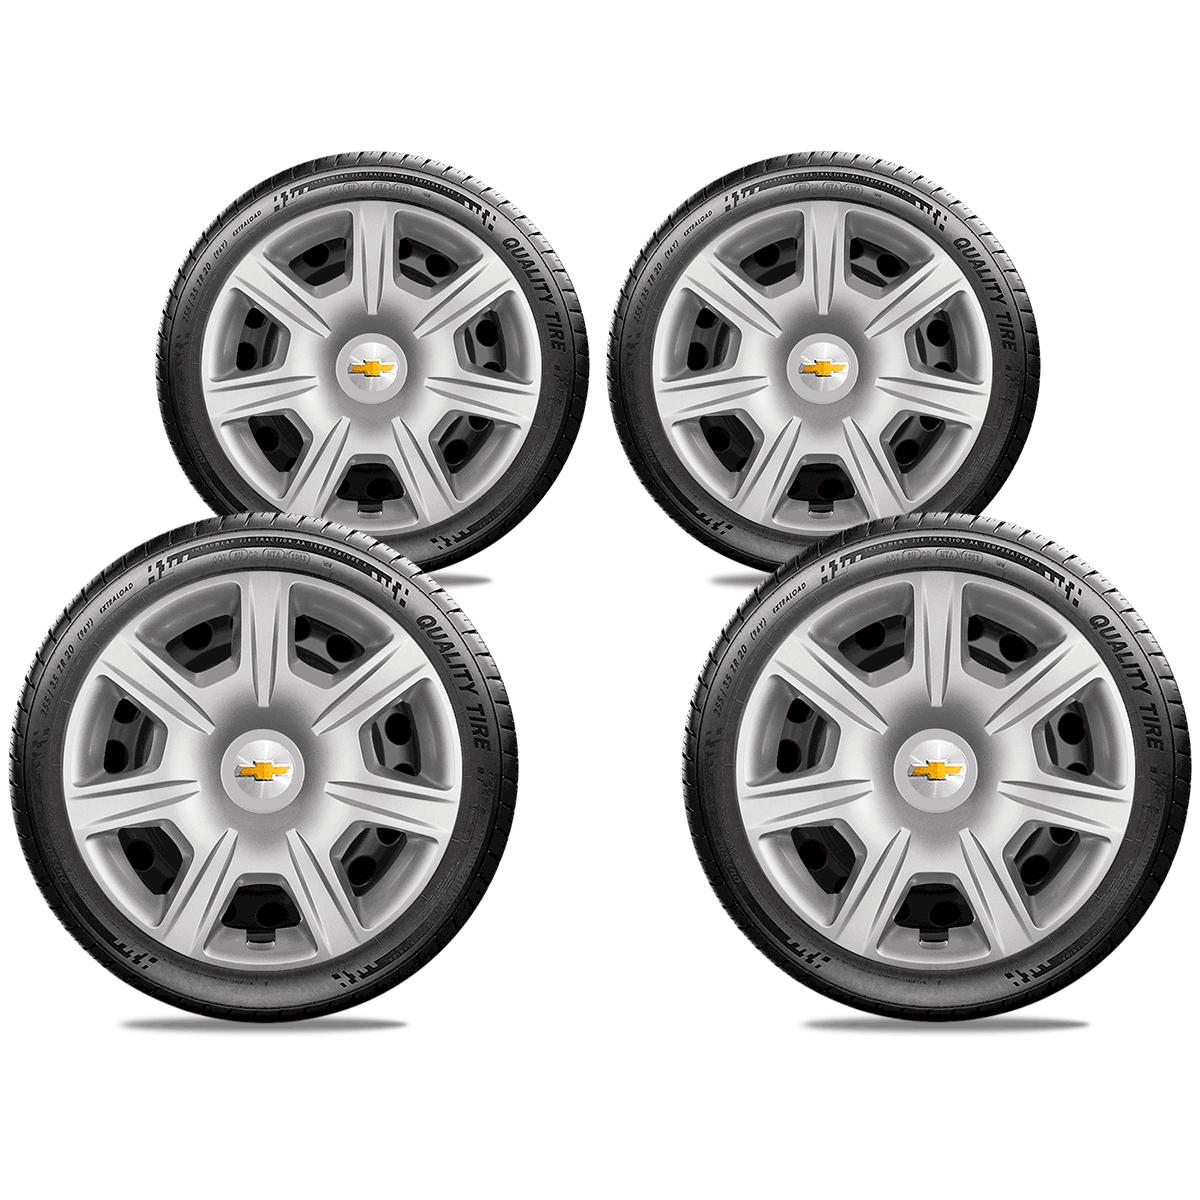 Calota Jogo 4Pçs Chevrolet Spin Meriva Corsa Aro 15 G876J